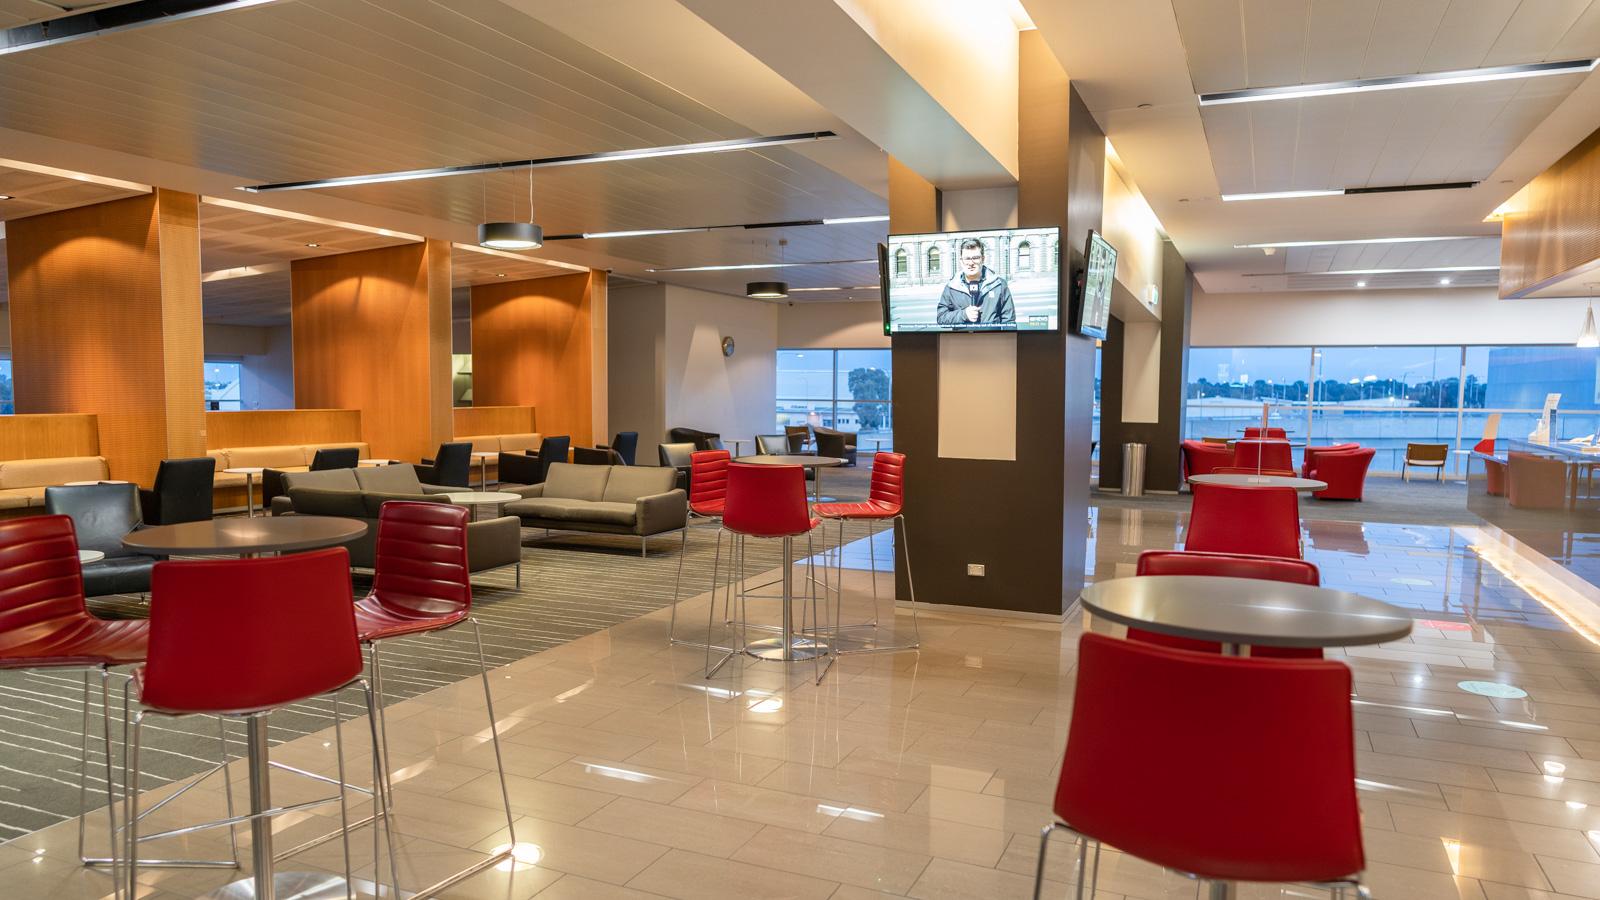 Qantas Club Adelaide dining